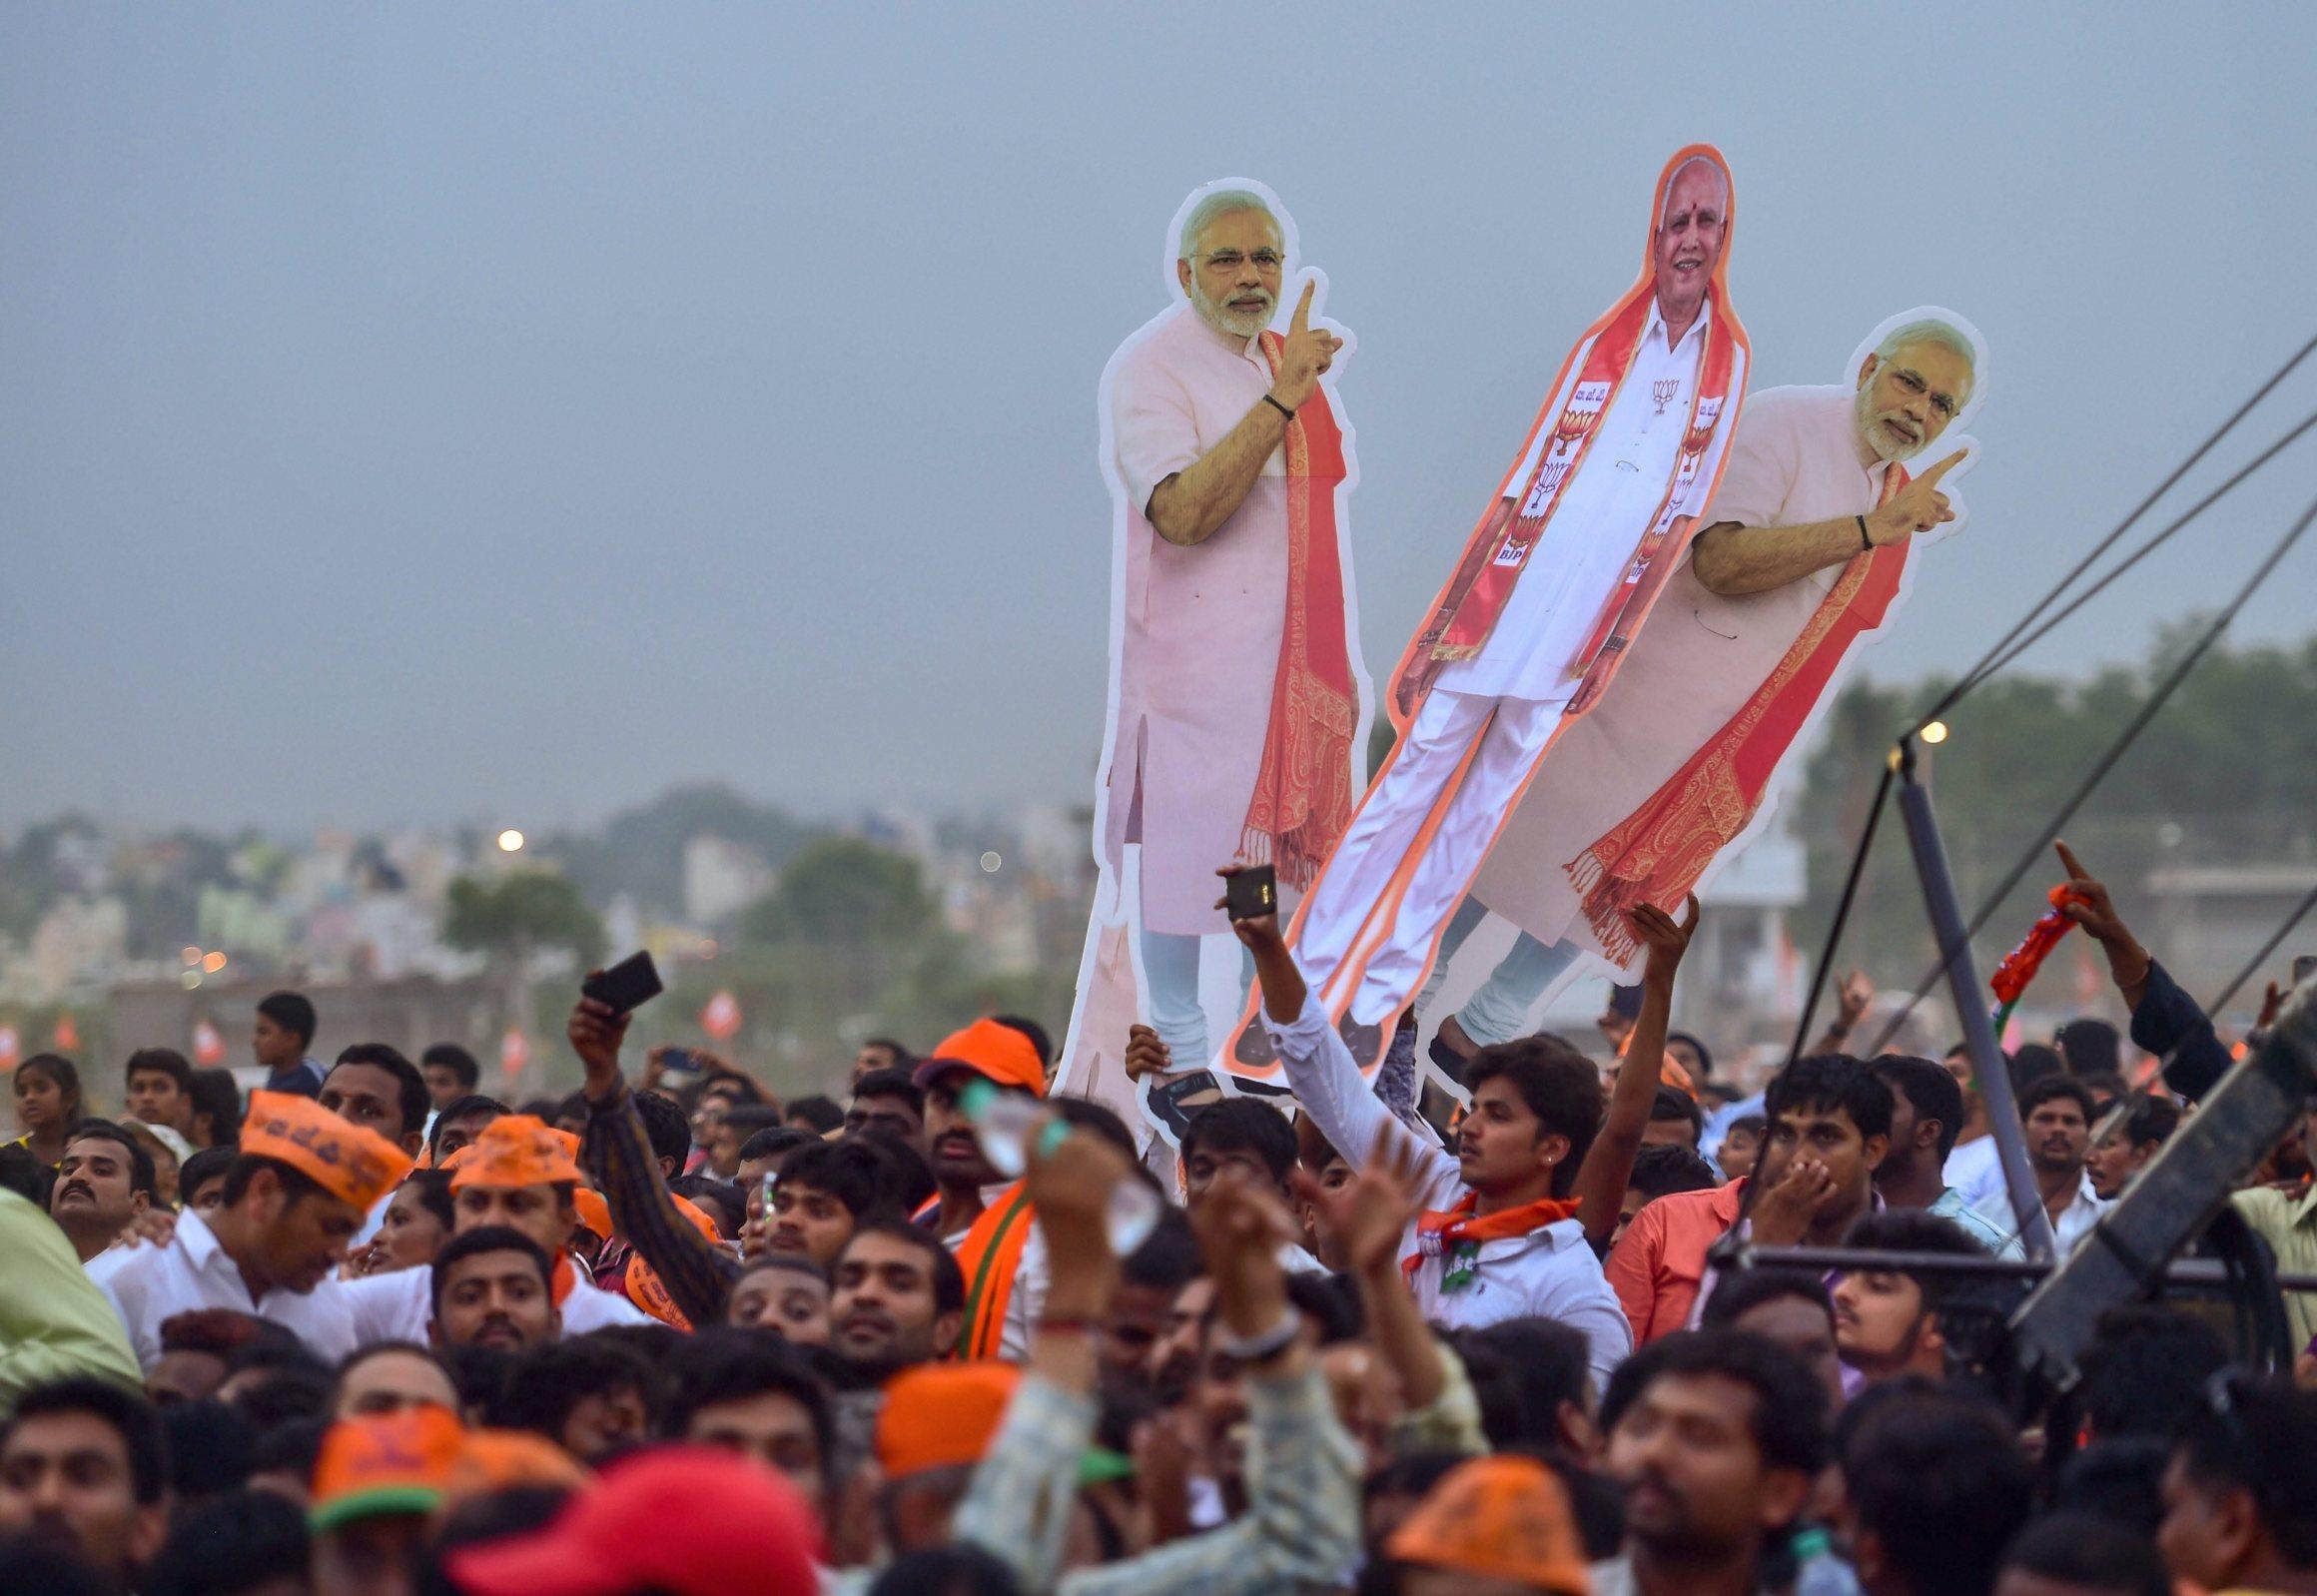 بنگلور میں بی جے پی کی ایک انتخابی ریلی کا منظر/ فوٹو : پی ٹی آئی